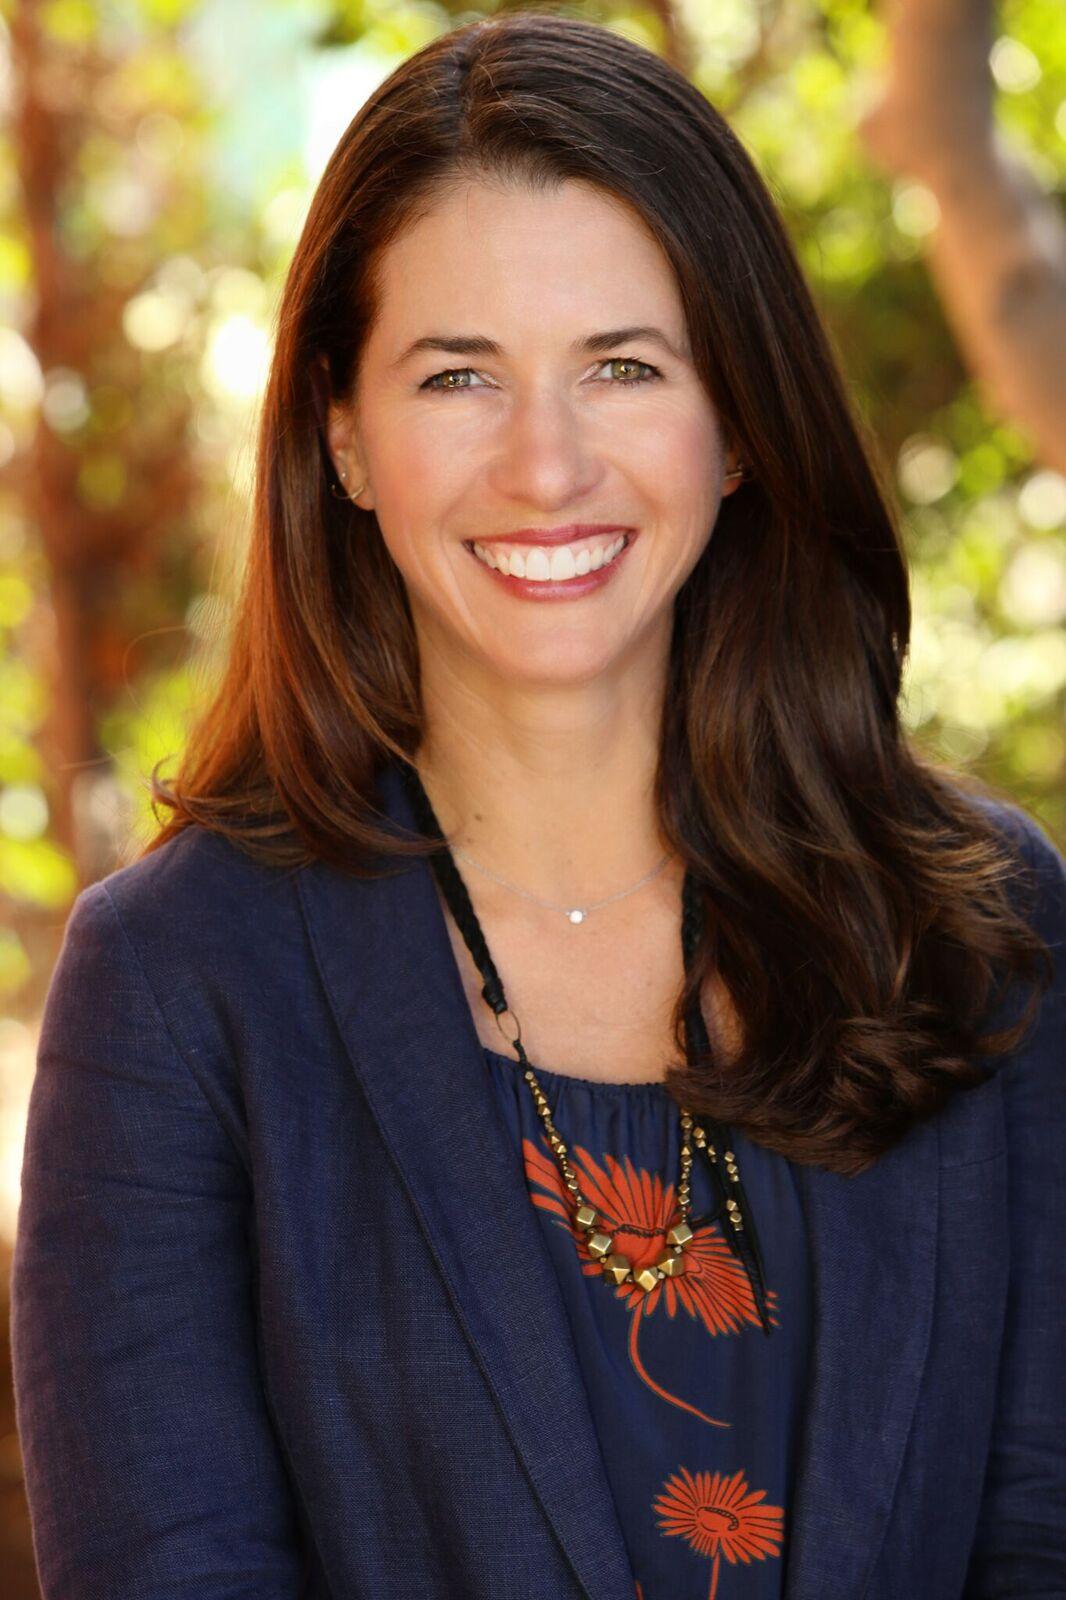 Jaclyn Schatzow